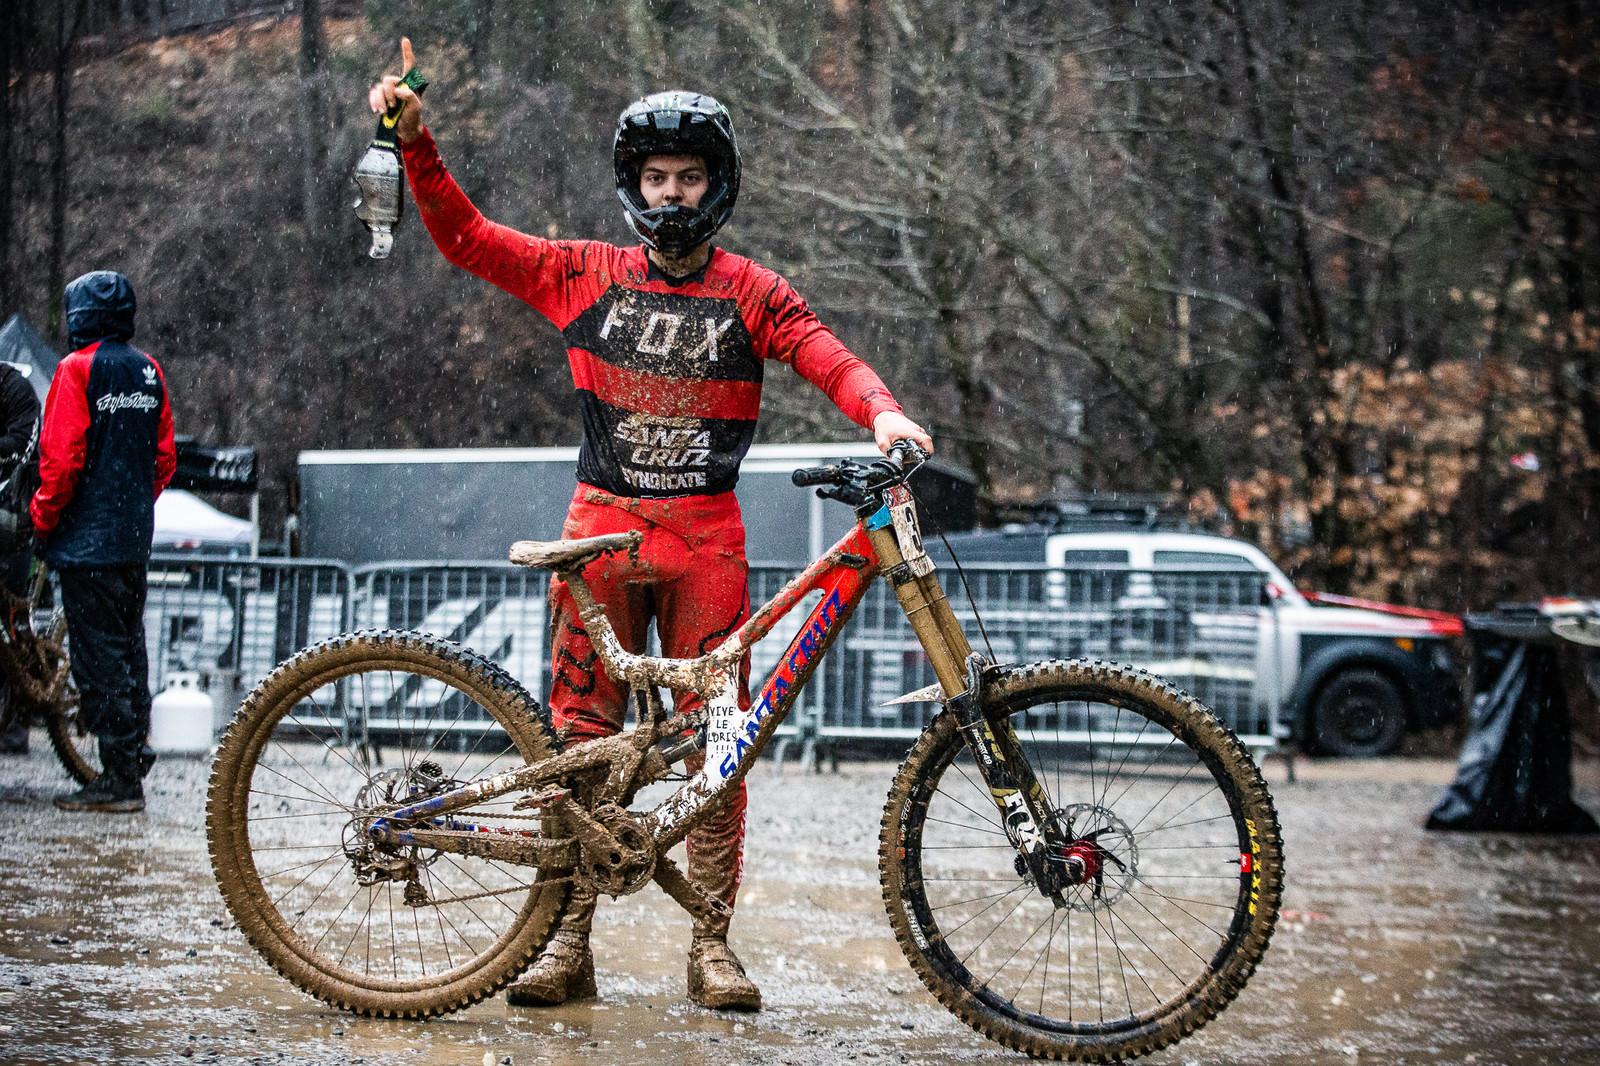 Loris Vergier, Windrock Tennessee National Pro GRT Pro Men's winner